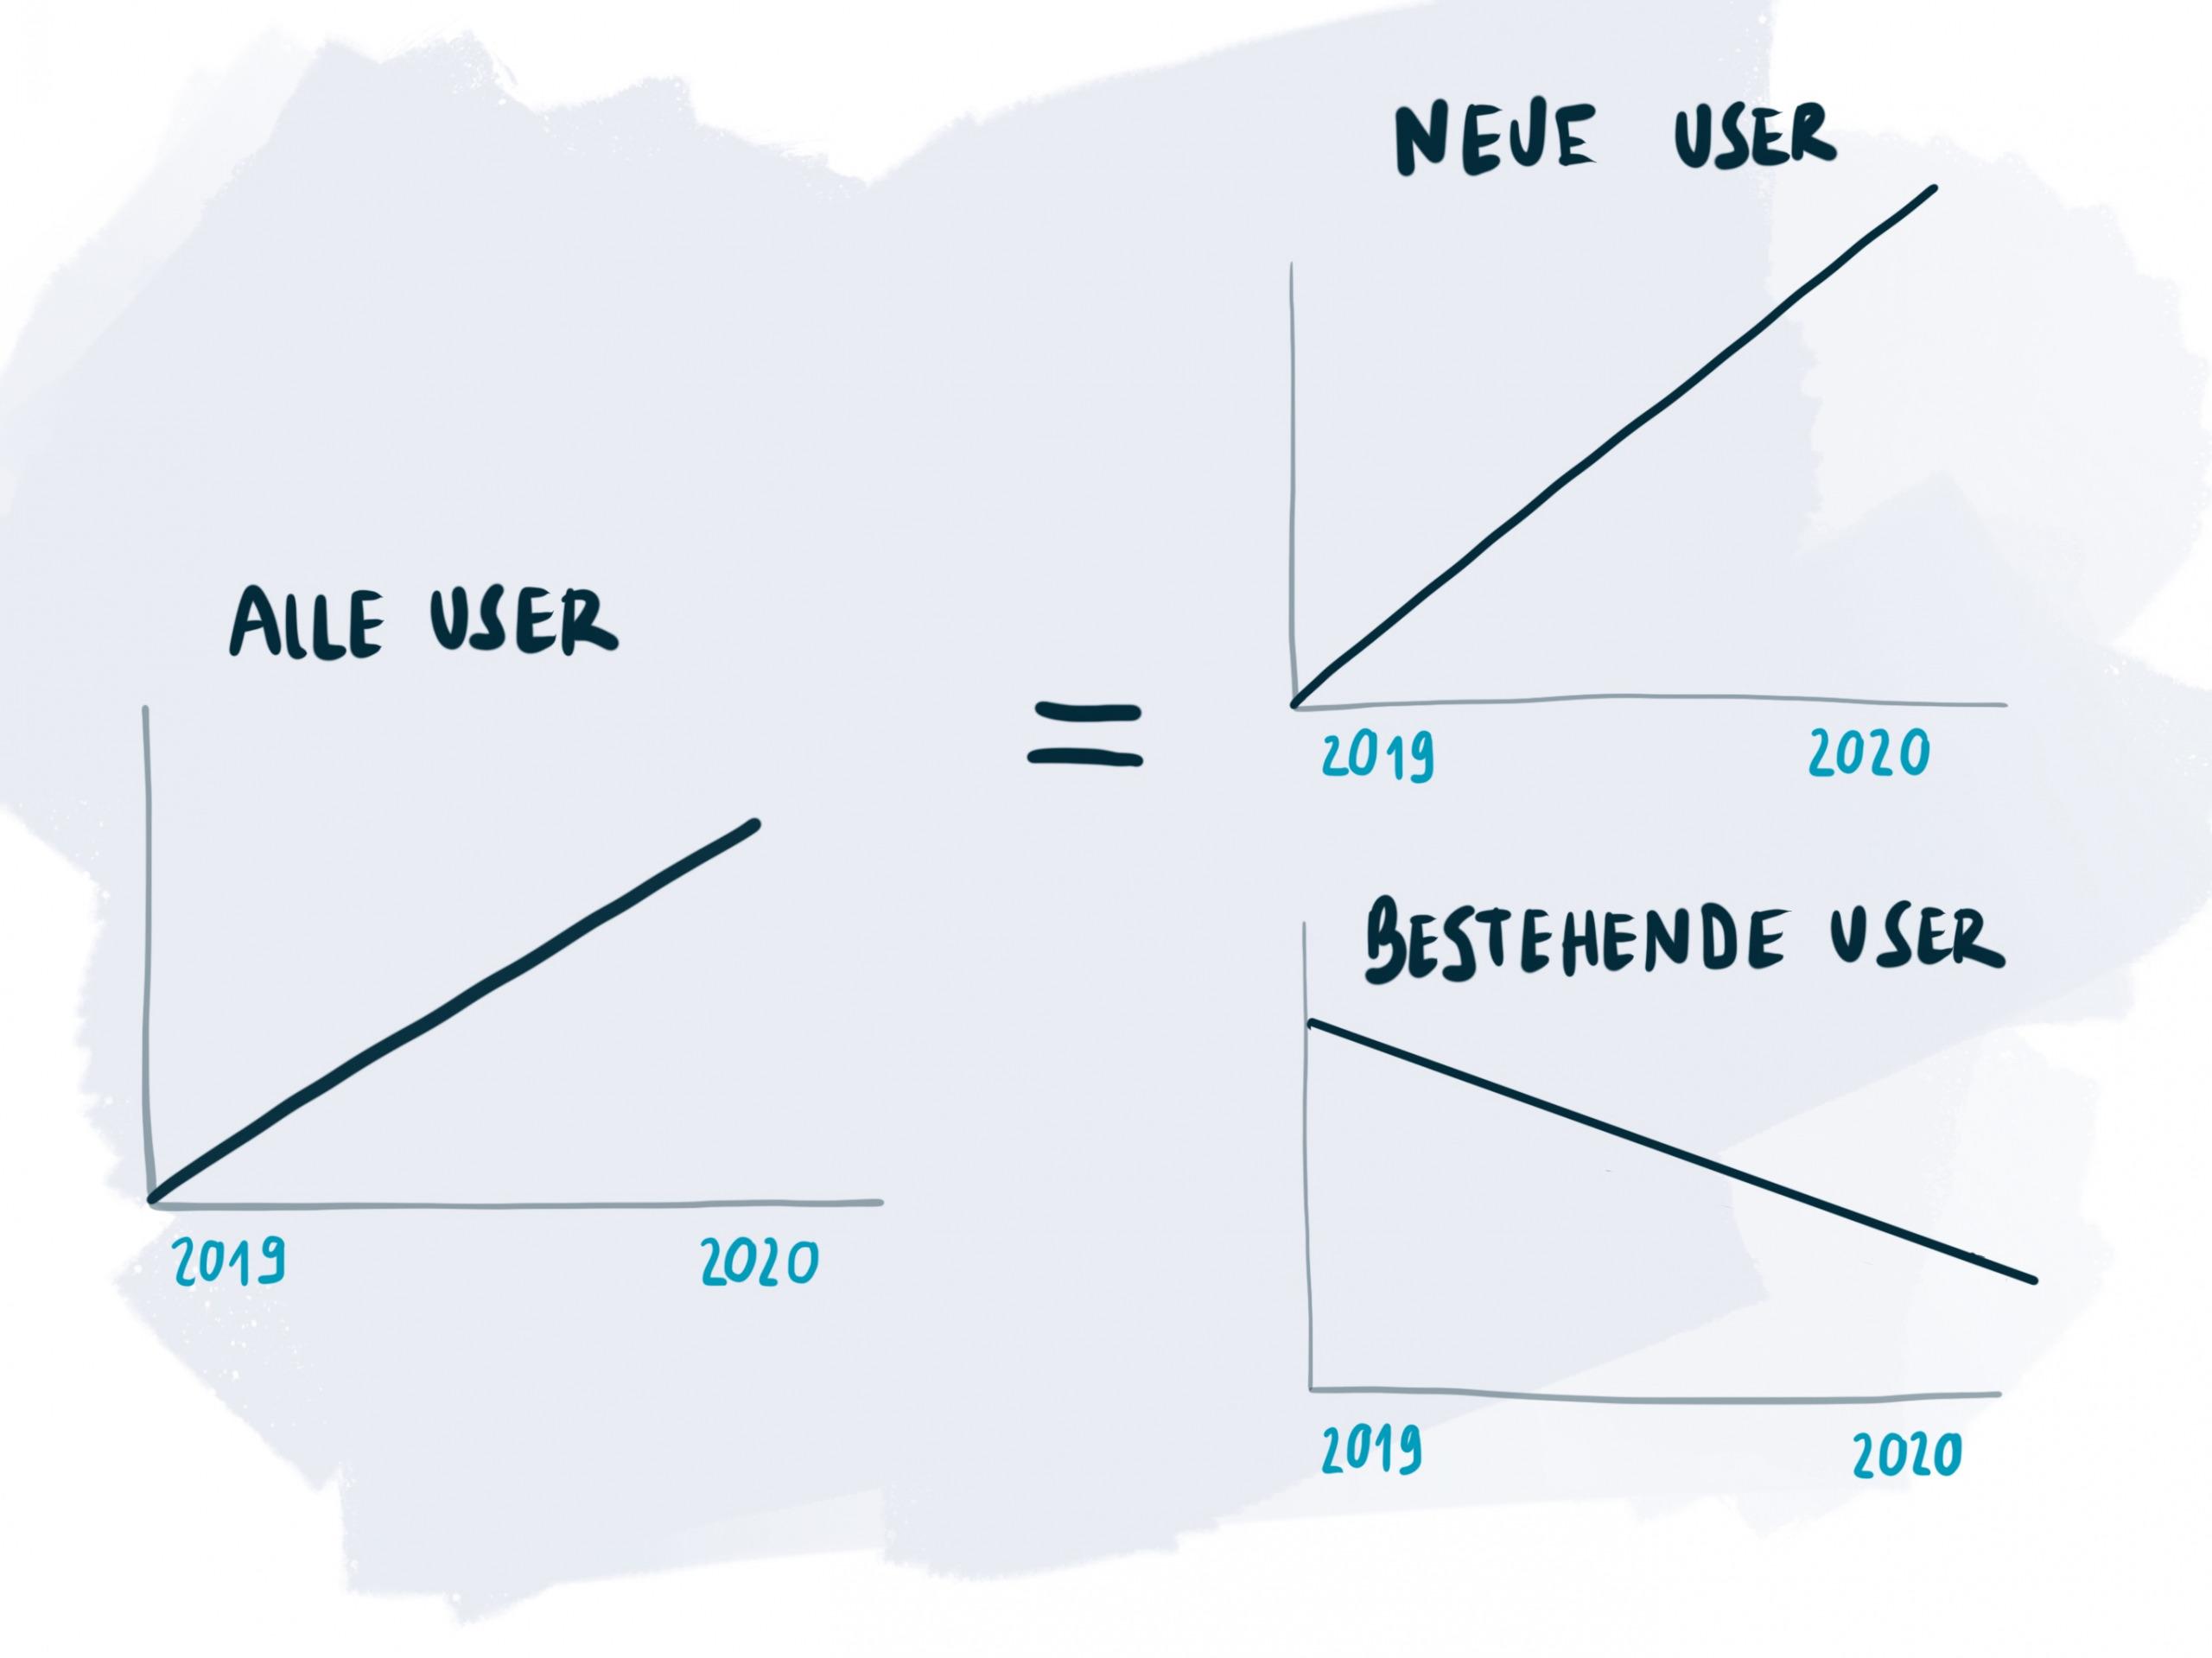 Grafik links zeigt, dass die Zahl der User steigt. Die Grafiken rechts zeigen, dass nur neue Nutzer mehr werden, die bestehenden aber weniger.